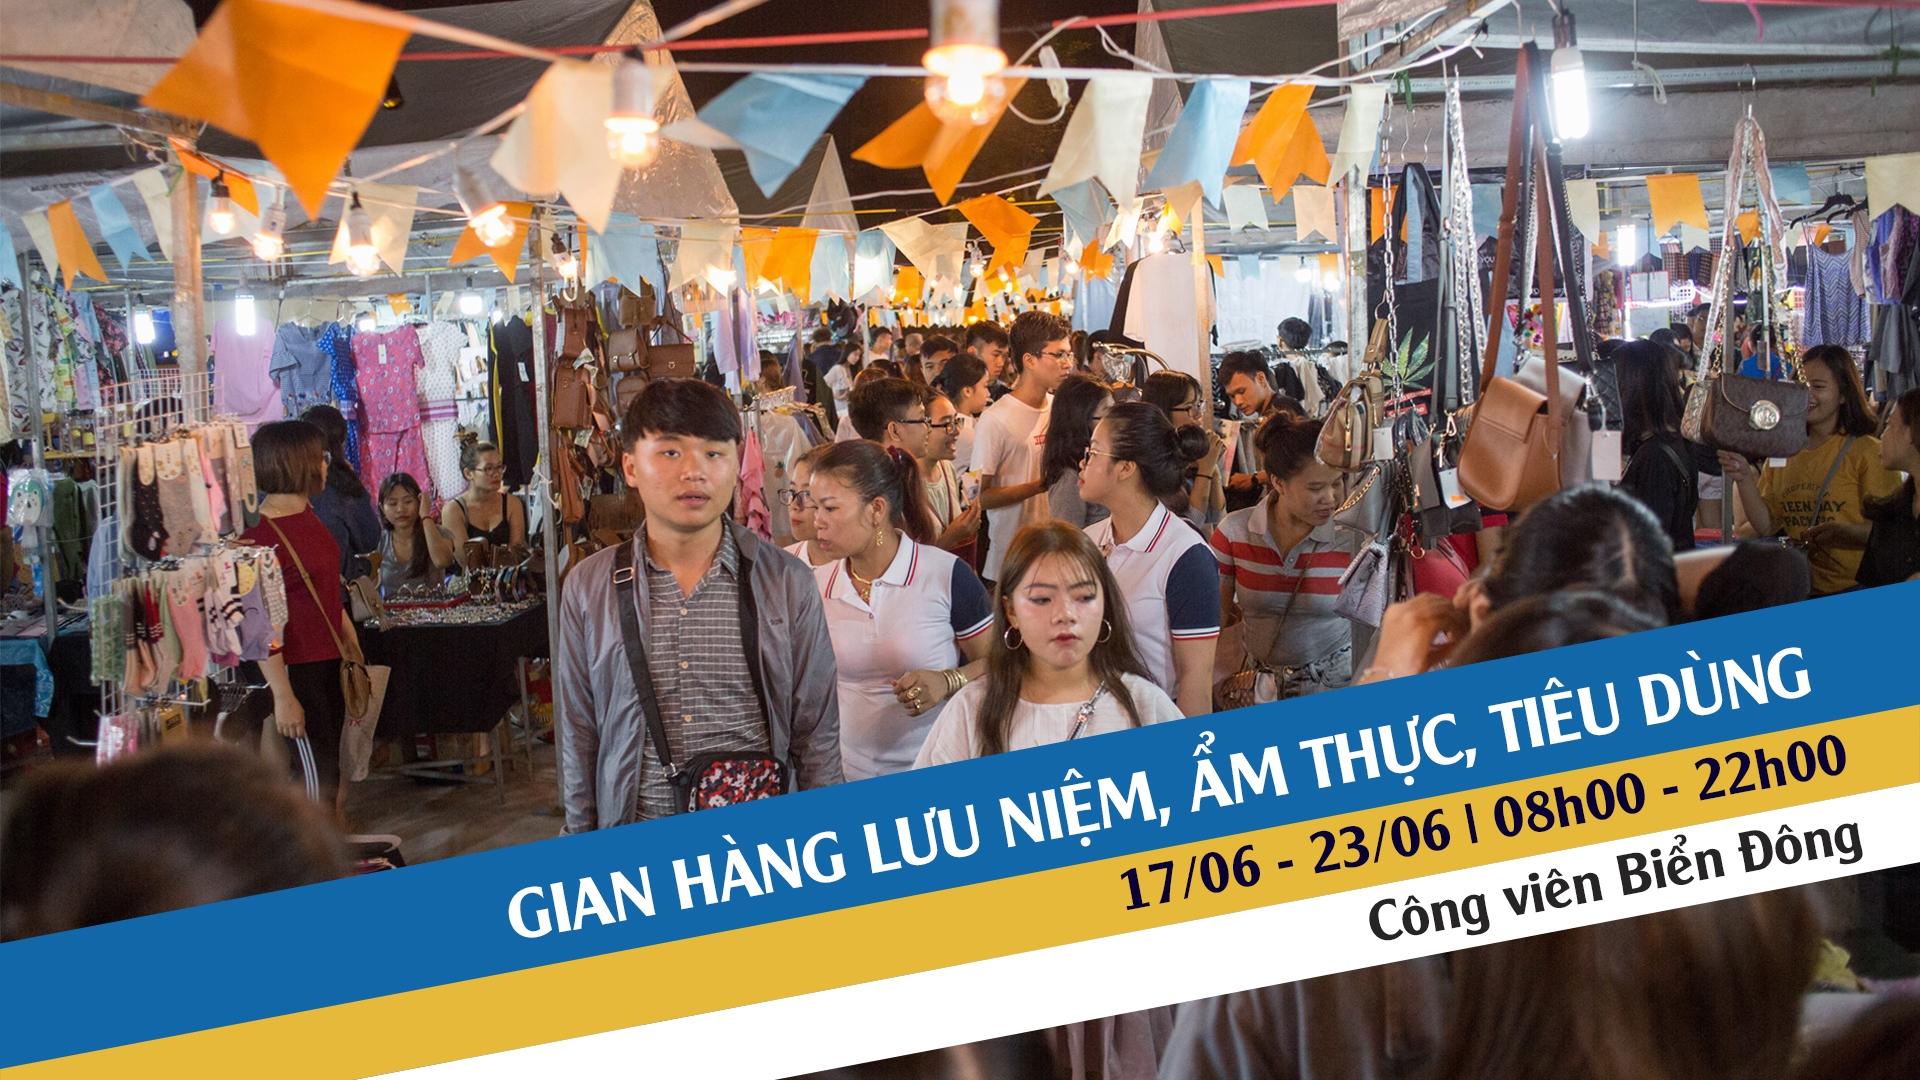 Đà Nẵng - Điểm hẹn mùa hè 2017 212121